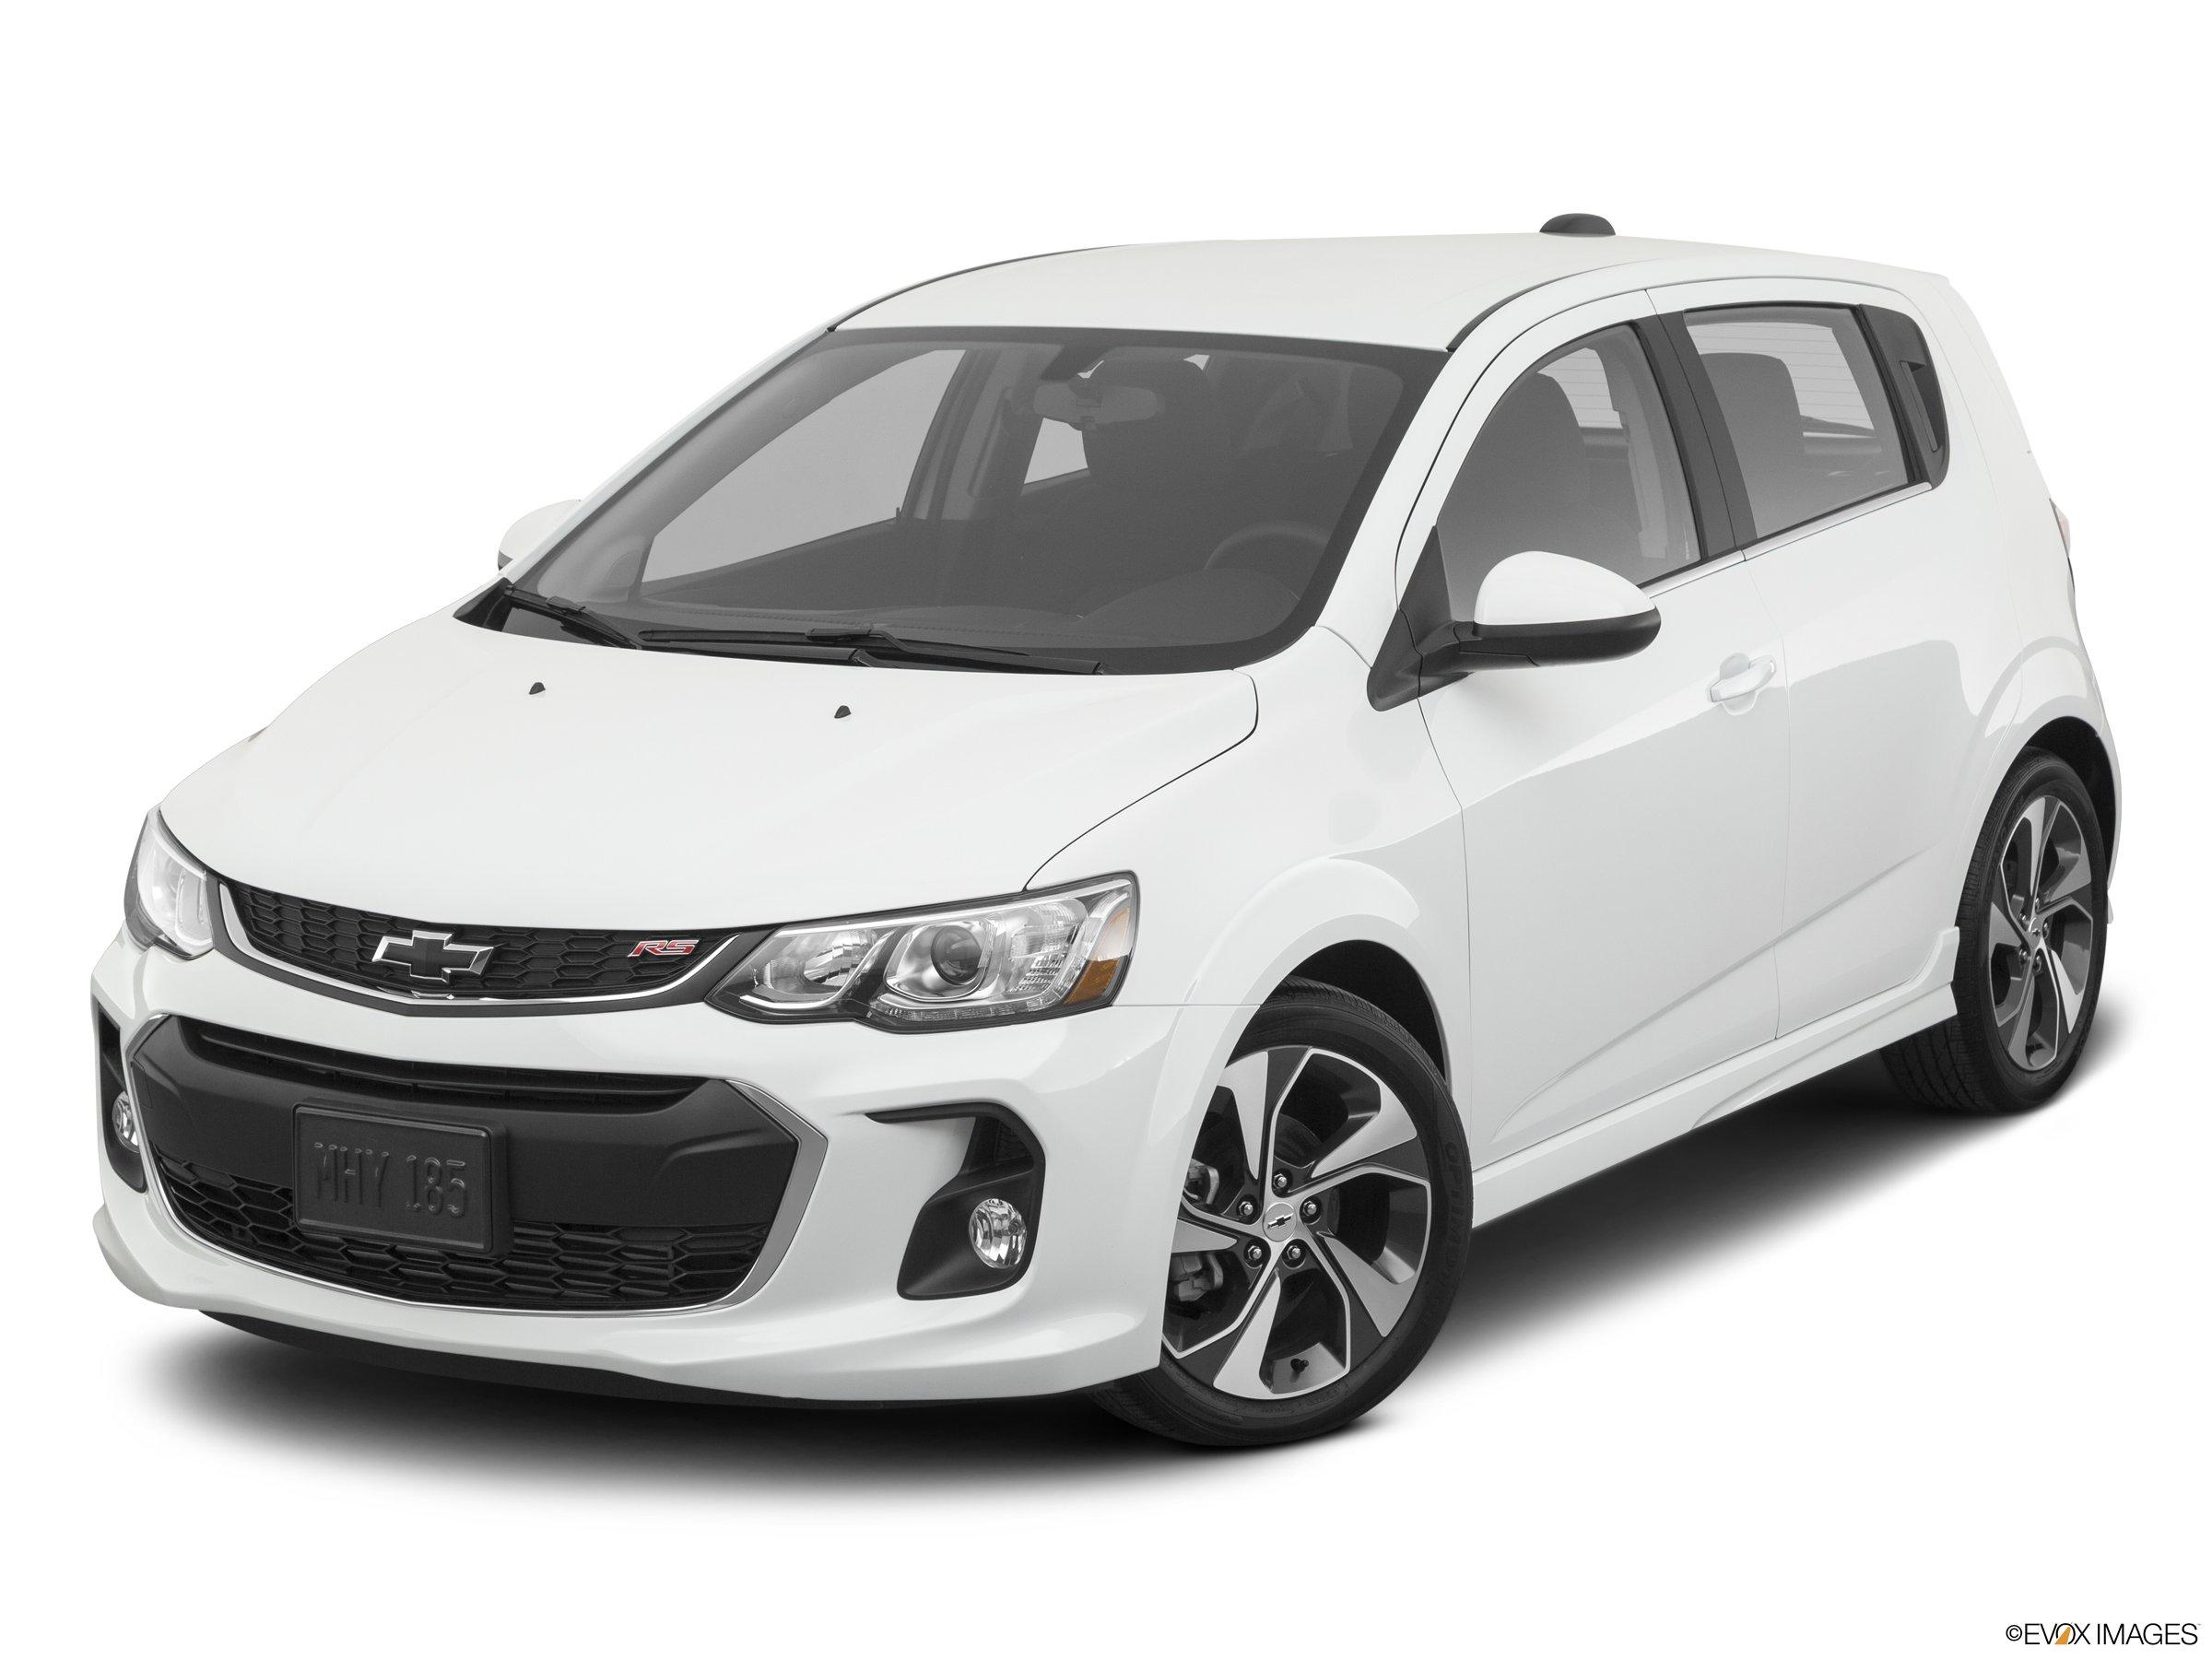 2020 Chevrolet Sonic LT Auto 5-Door FWD hatchback